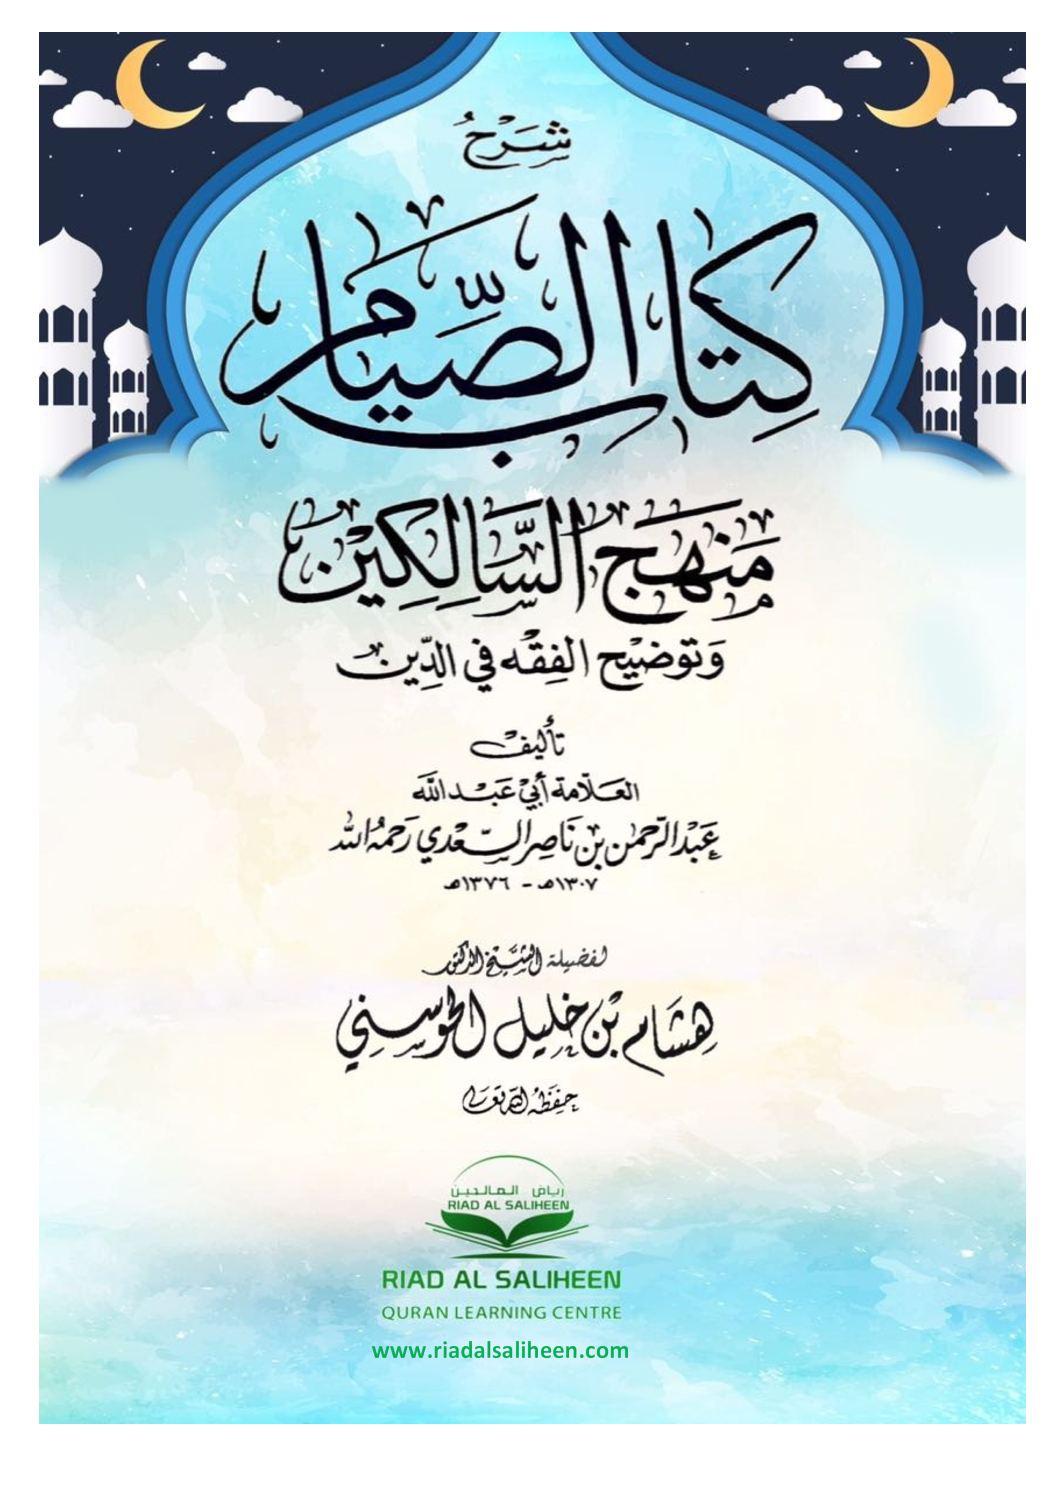 شرح كتاب الصيام من منهج السالكين للشيخ د هشام الحوسني